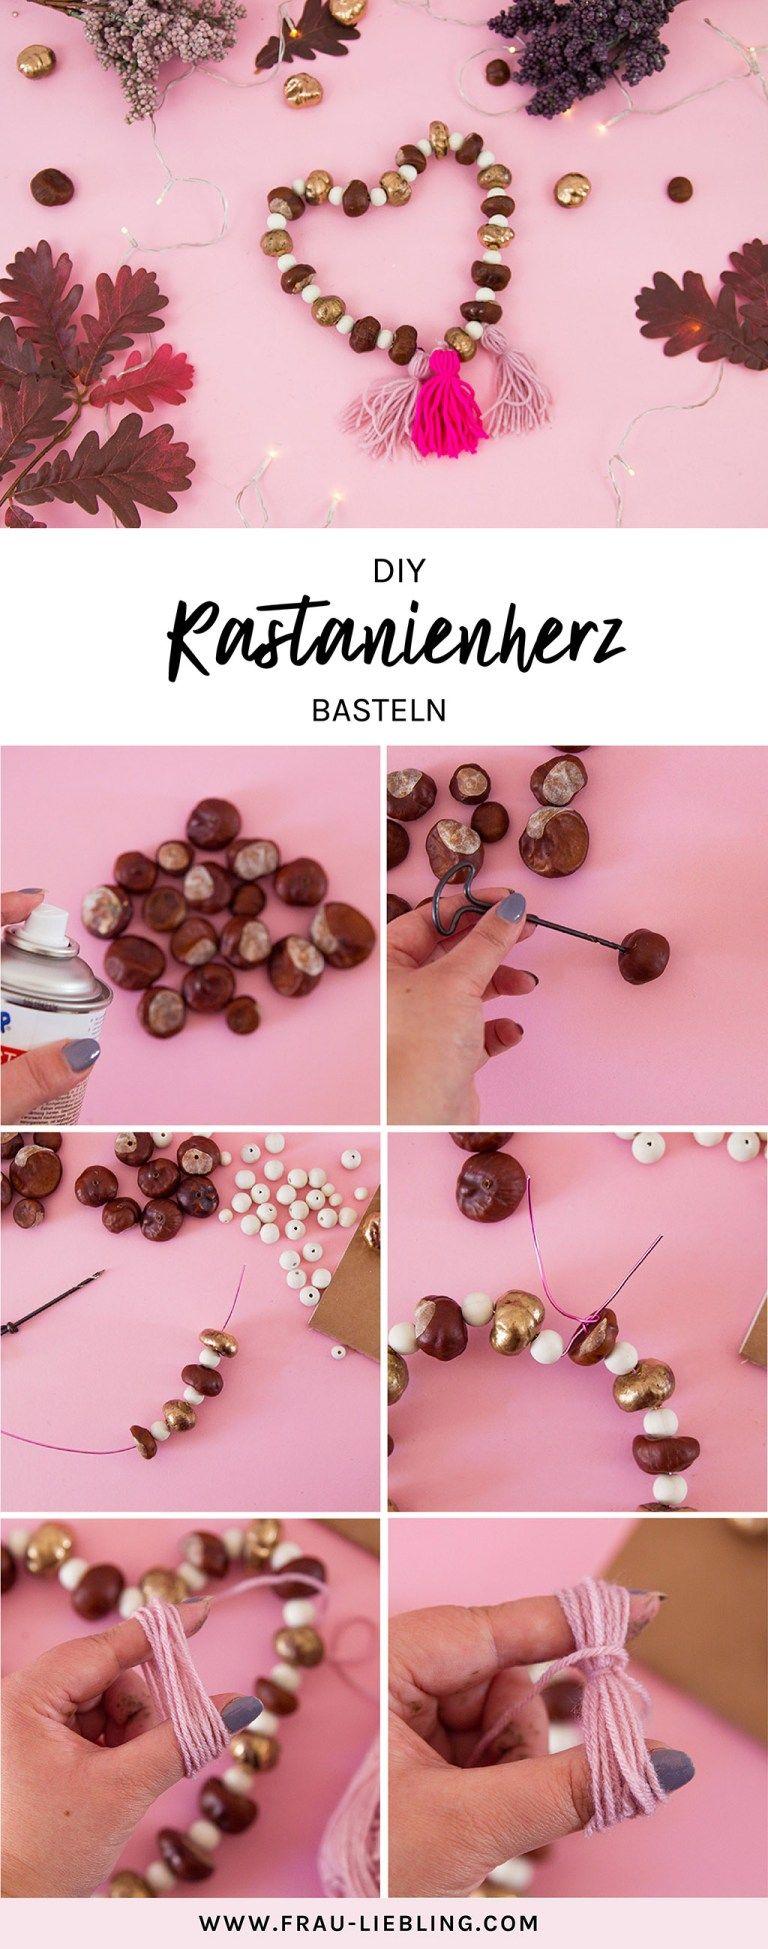 DIY Herbstdeko: Herz aus Kastanien basteln #kastaniendeko